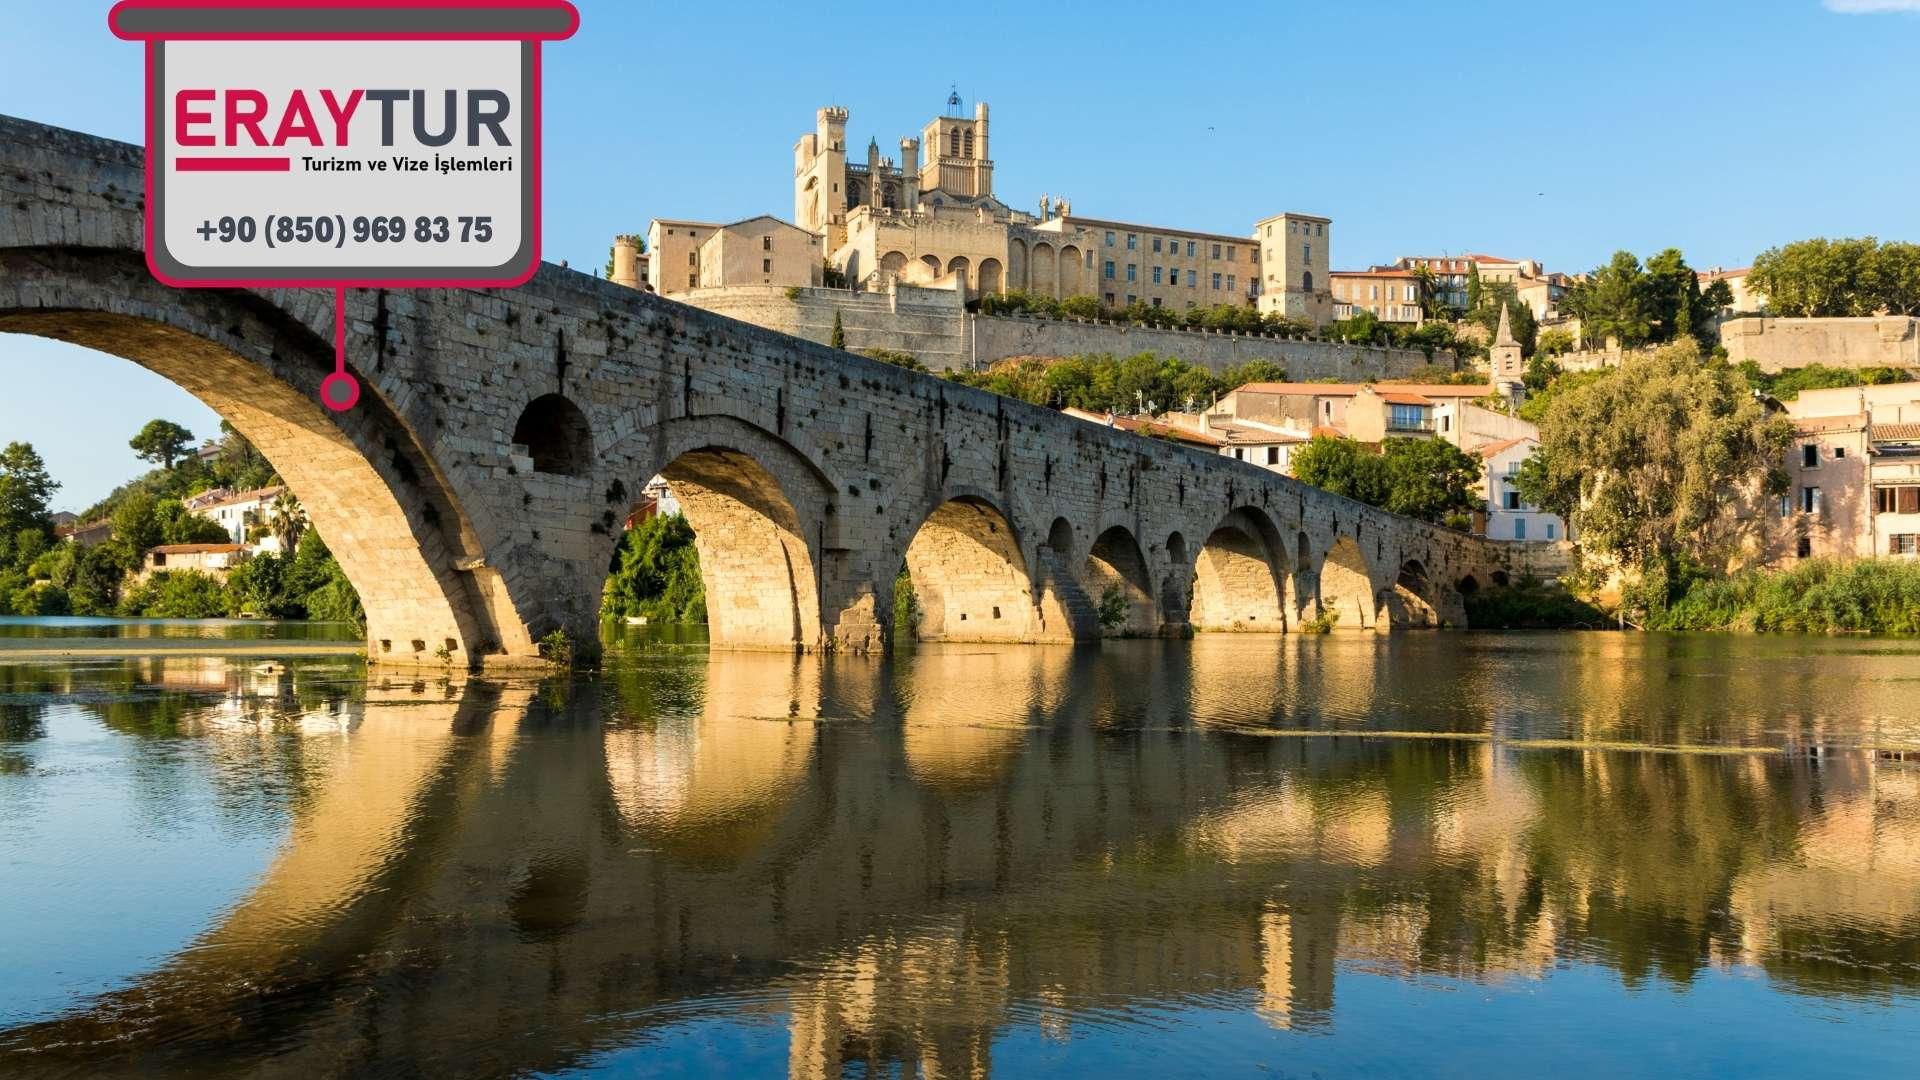 Fransa Turistik Vize İşveren Evrakları